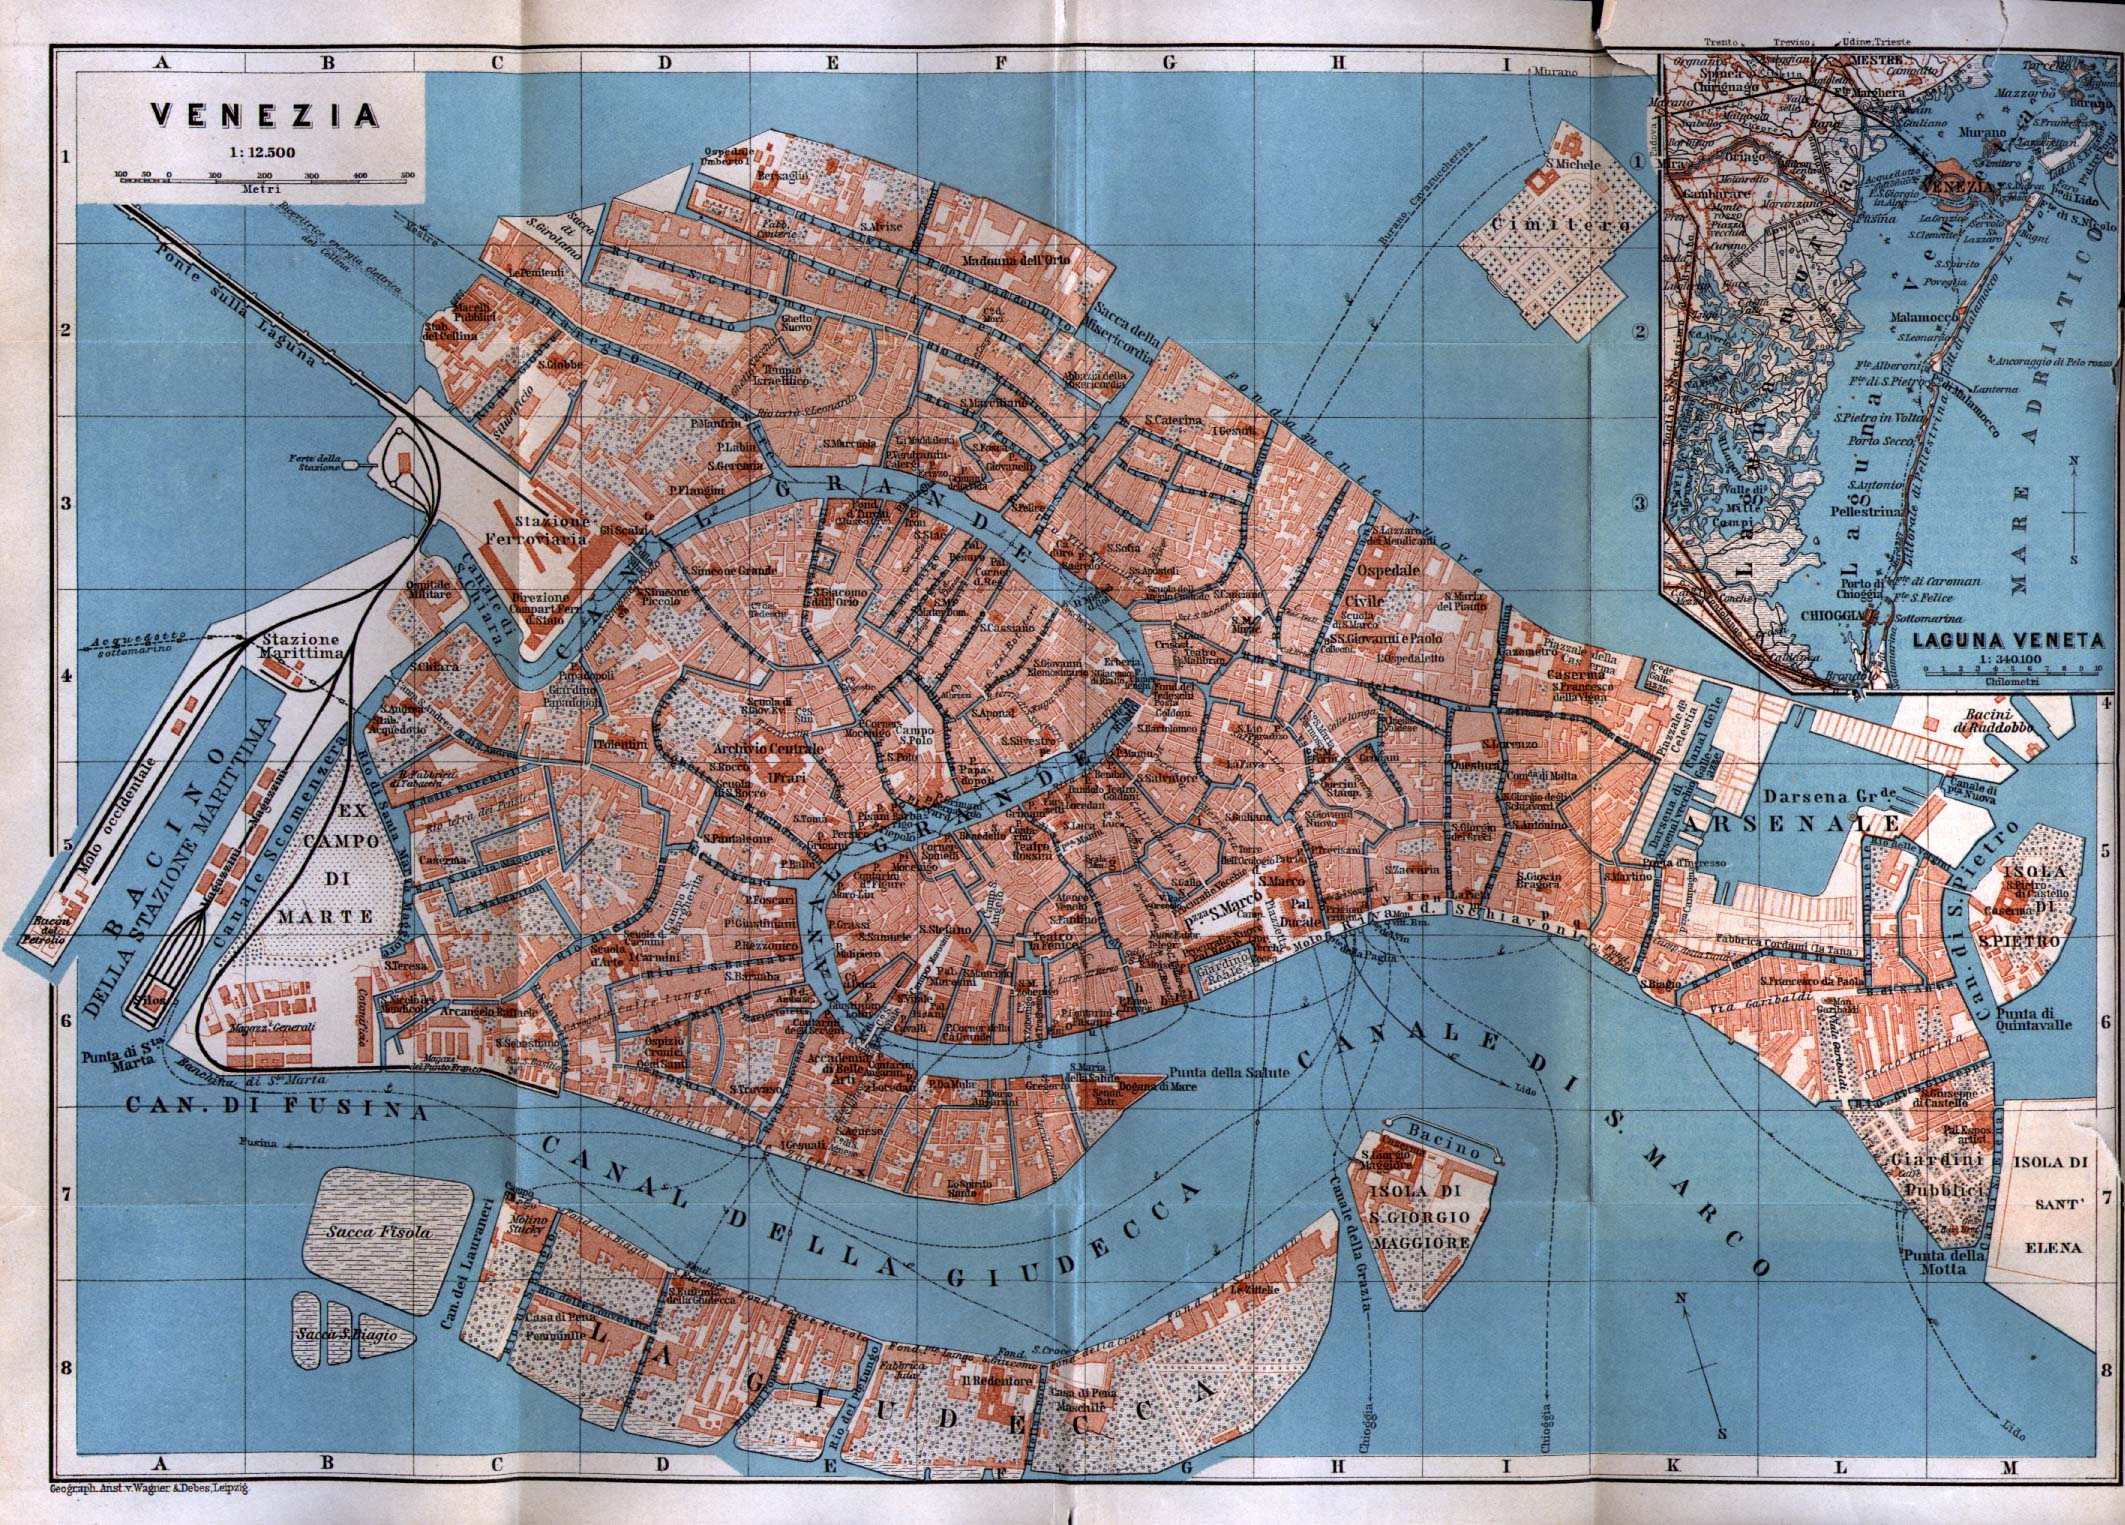 Venezia Vaporetto Mappa Mappa Venezia – Antica